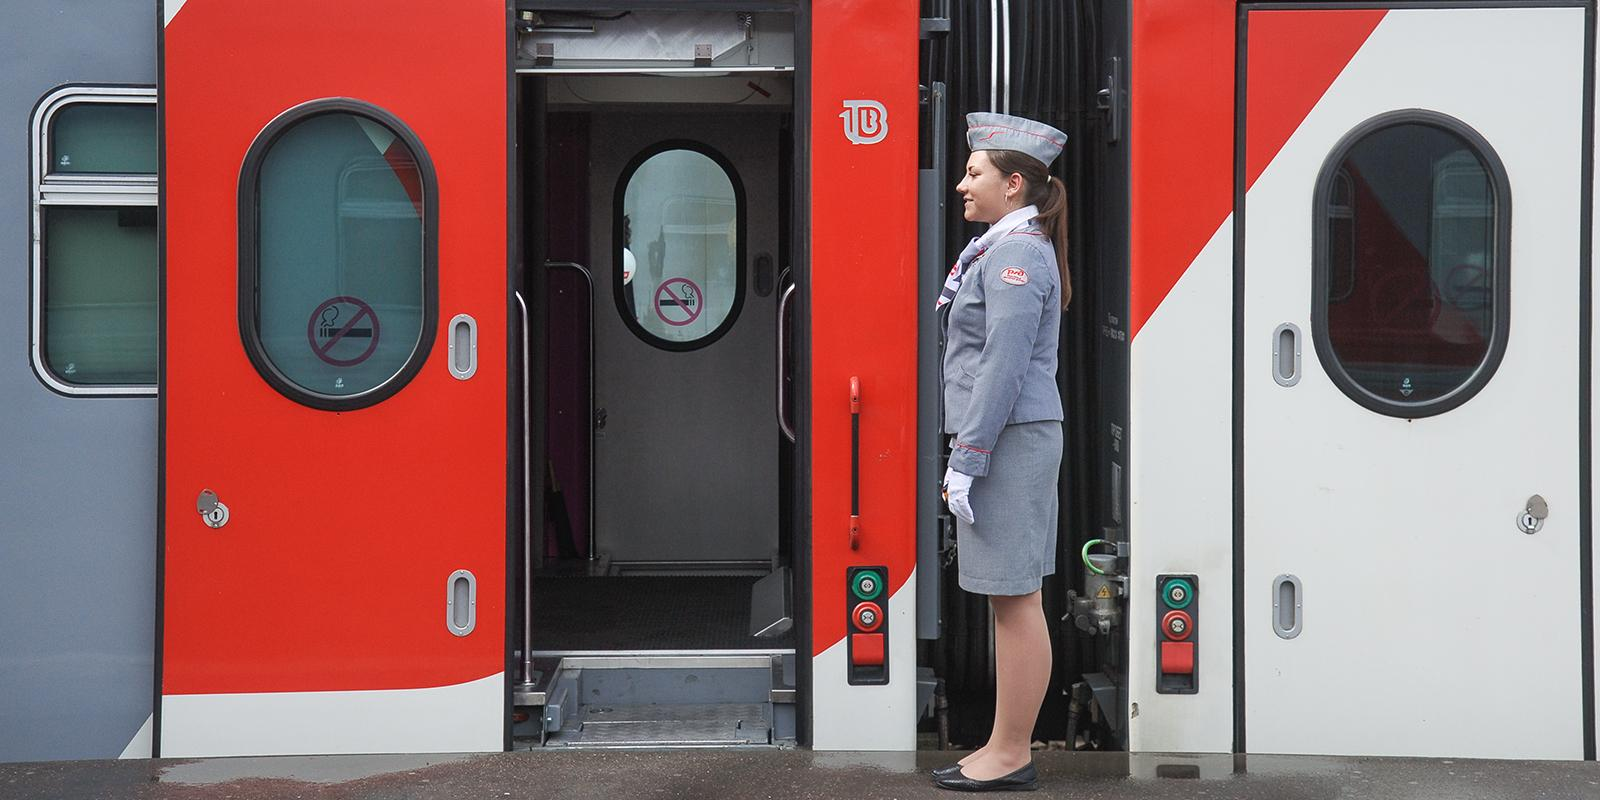 Болельщики ЧМ-2018 смогут заказать бесплатные билеты на поезд по телефону